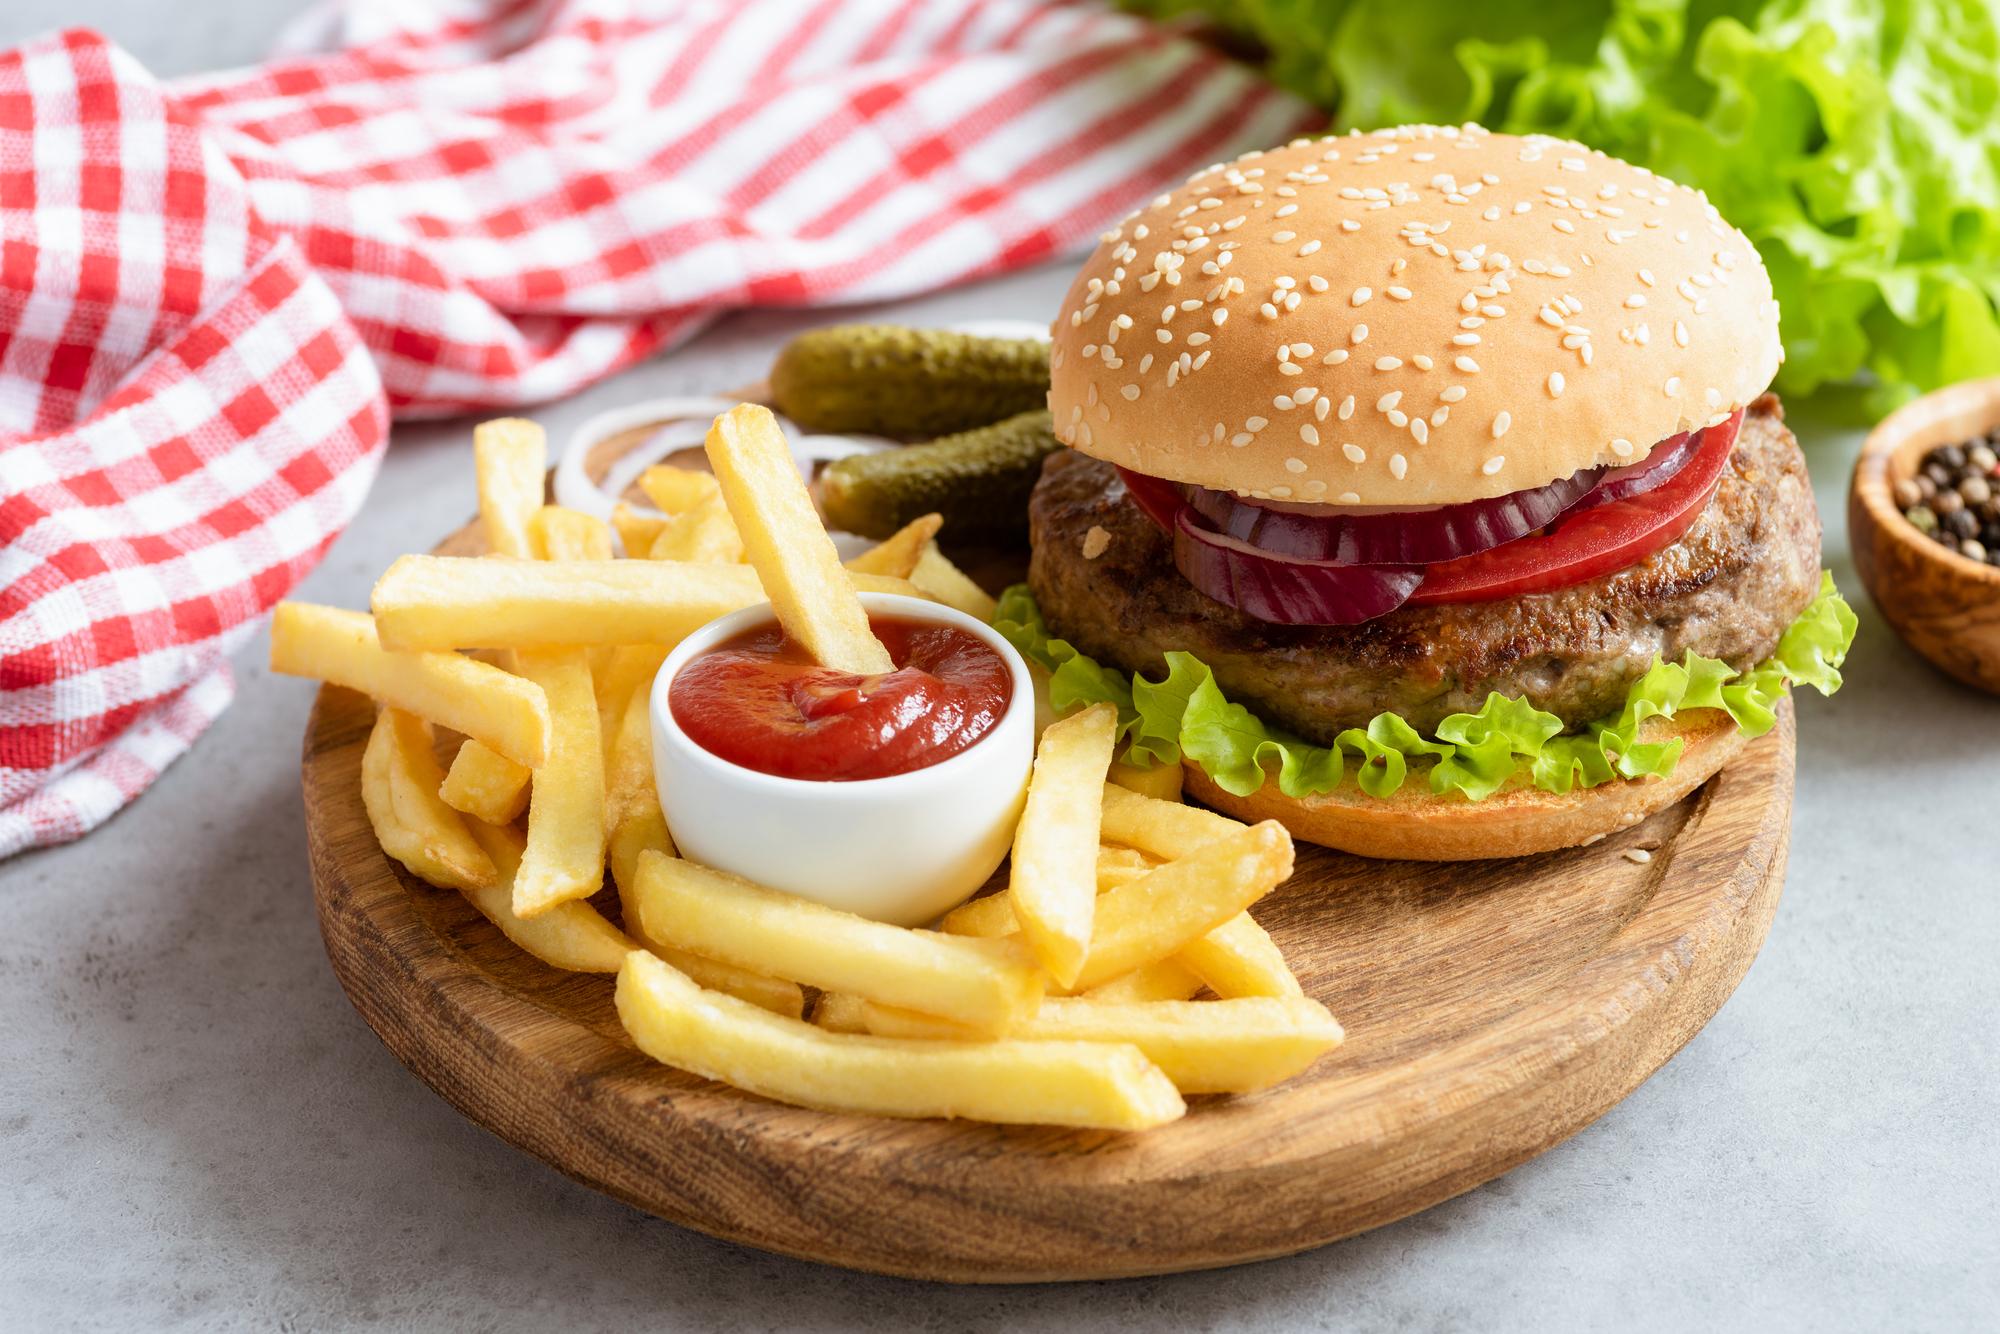 肥満は薄毛になりやすい?偏った食生活は悪影響も